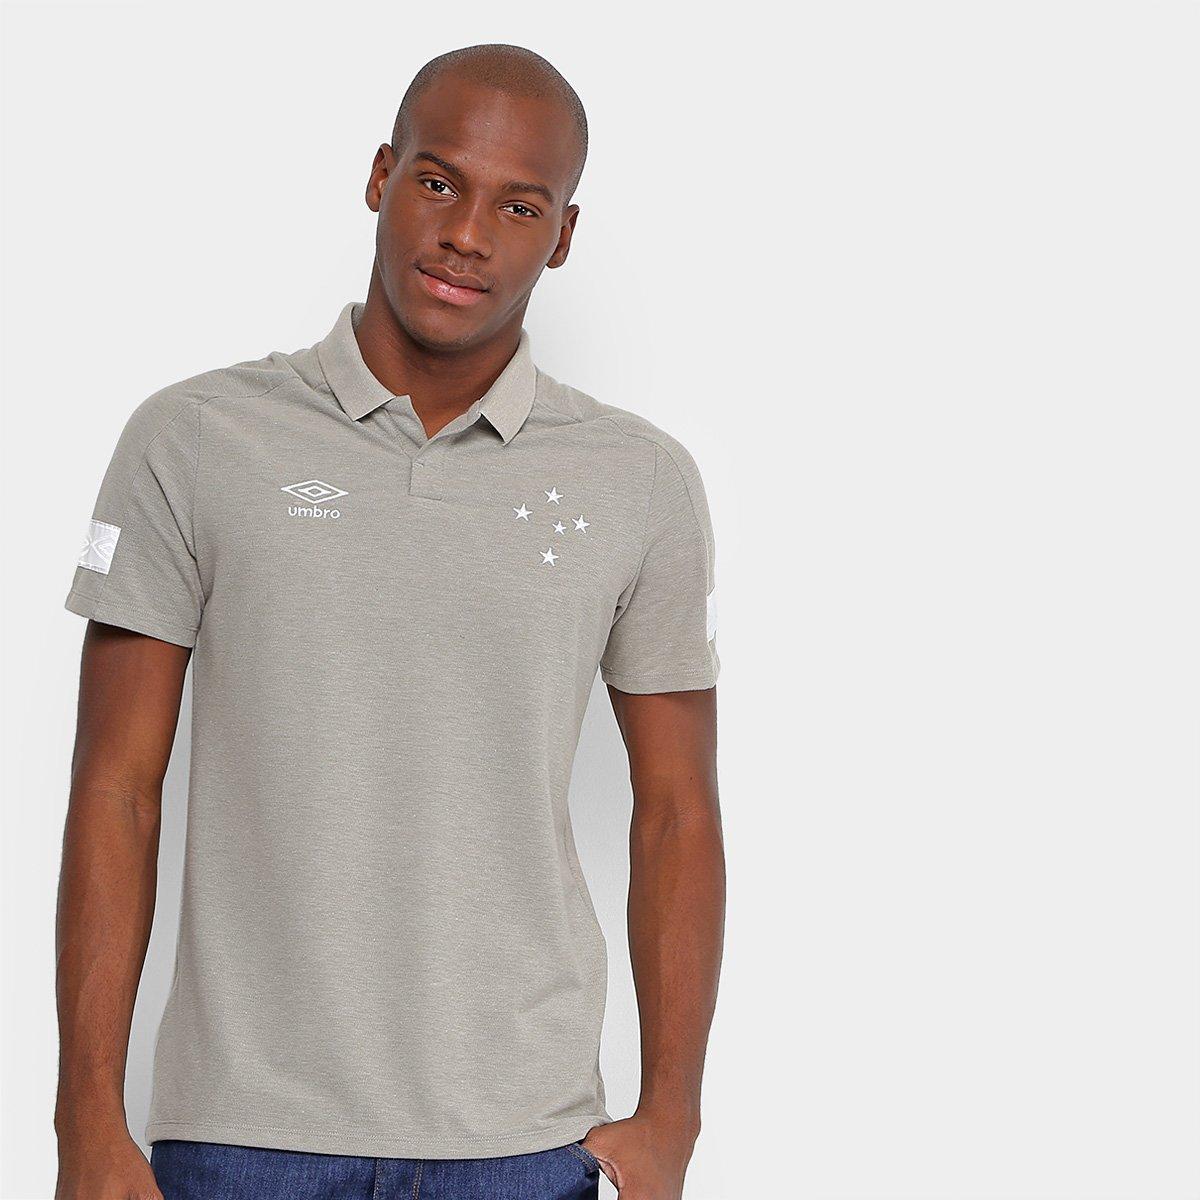 Camisa Polo Cruzeiro Viagem 2018 Umbro Masculina - Cinza - Compre ... 86e3a3275d9ef